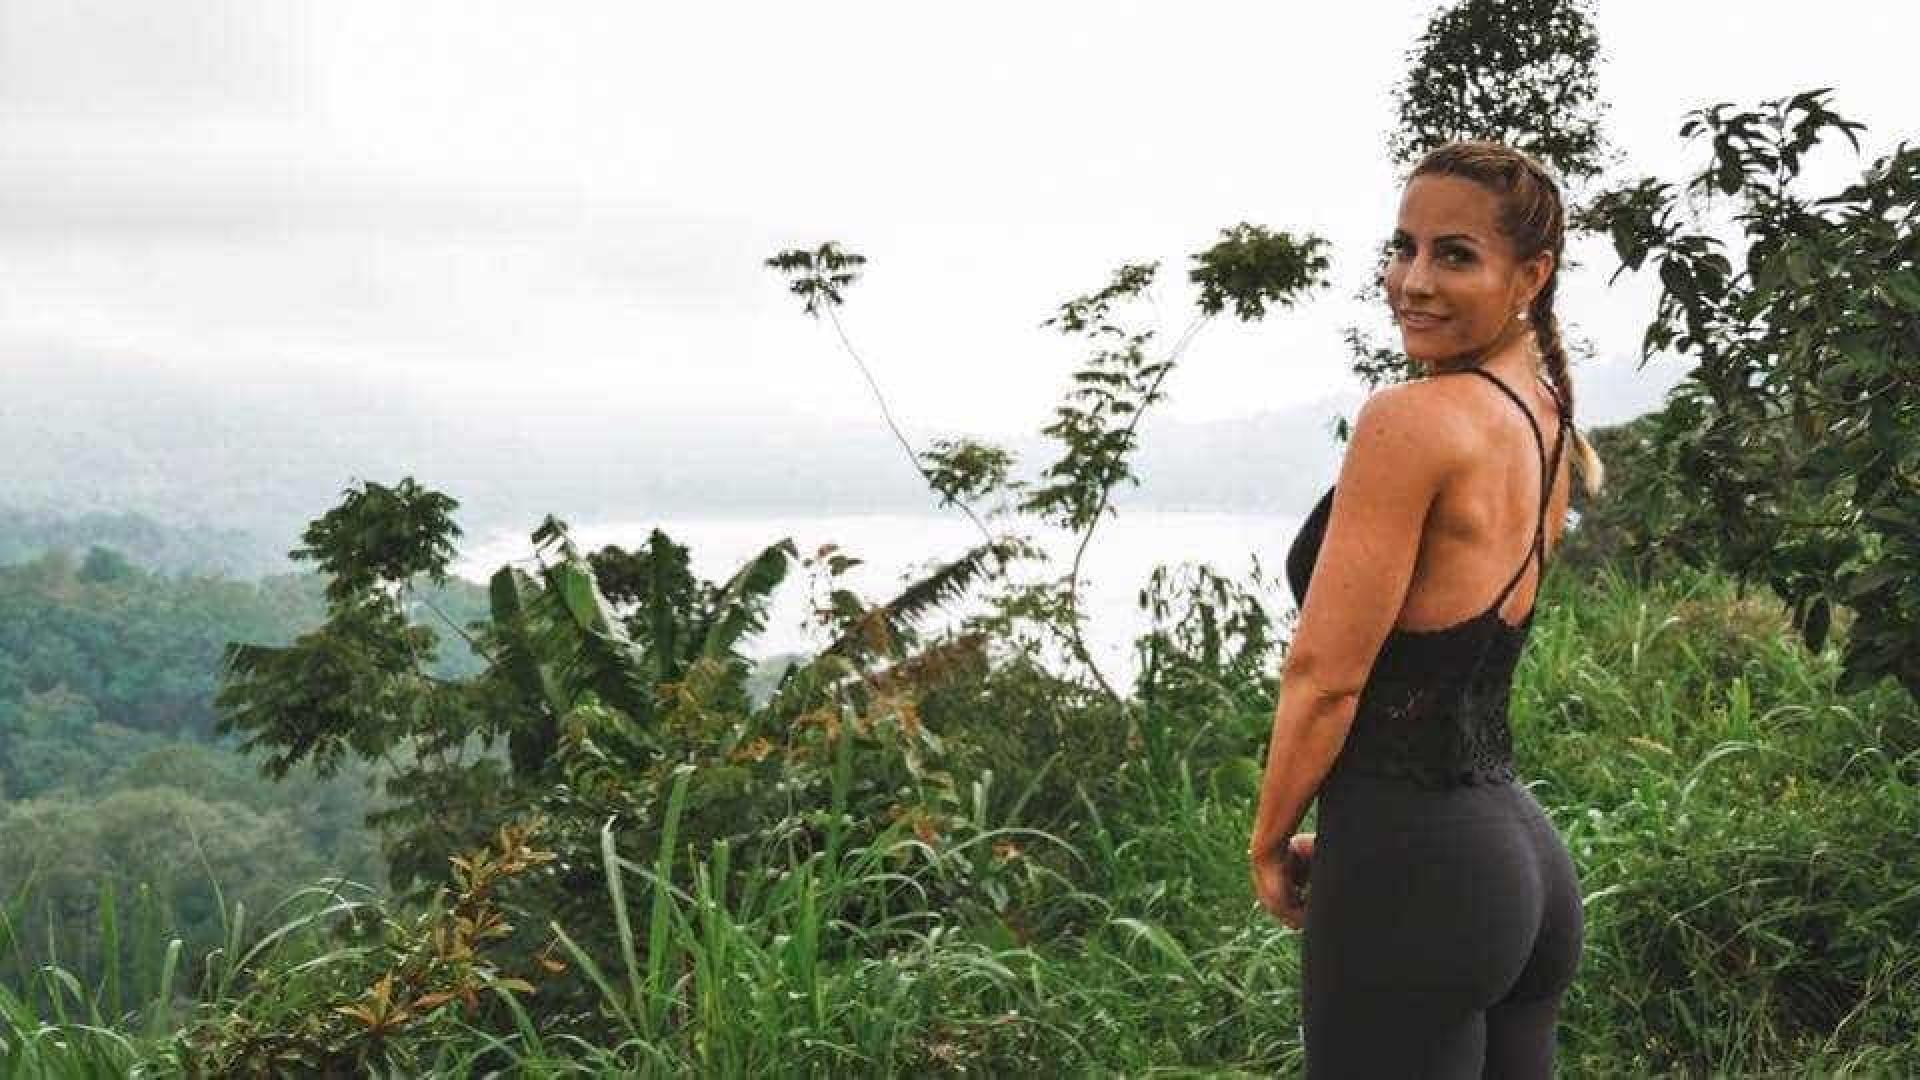 Blogueira fitness morre após explosão de sifão de chantilly